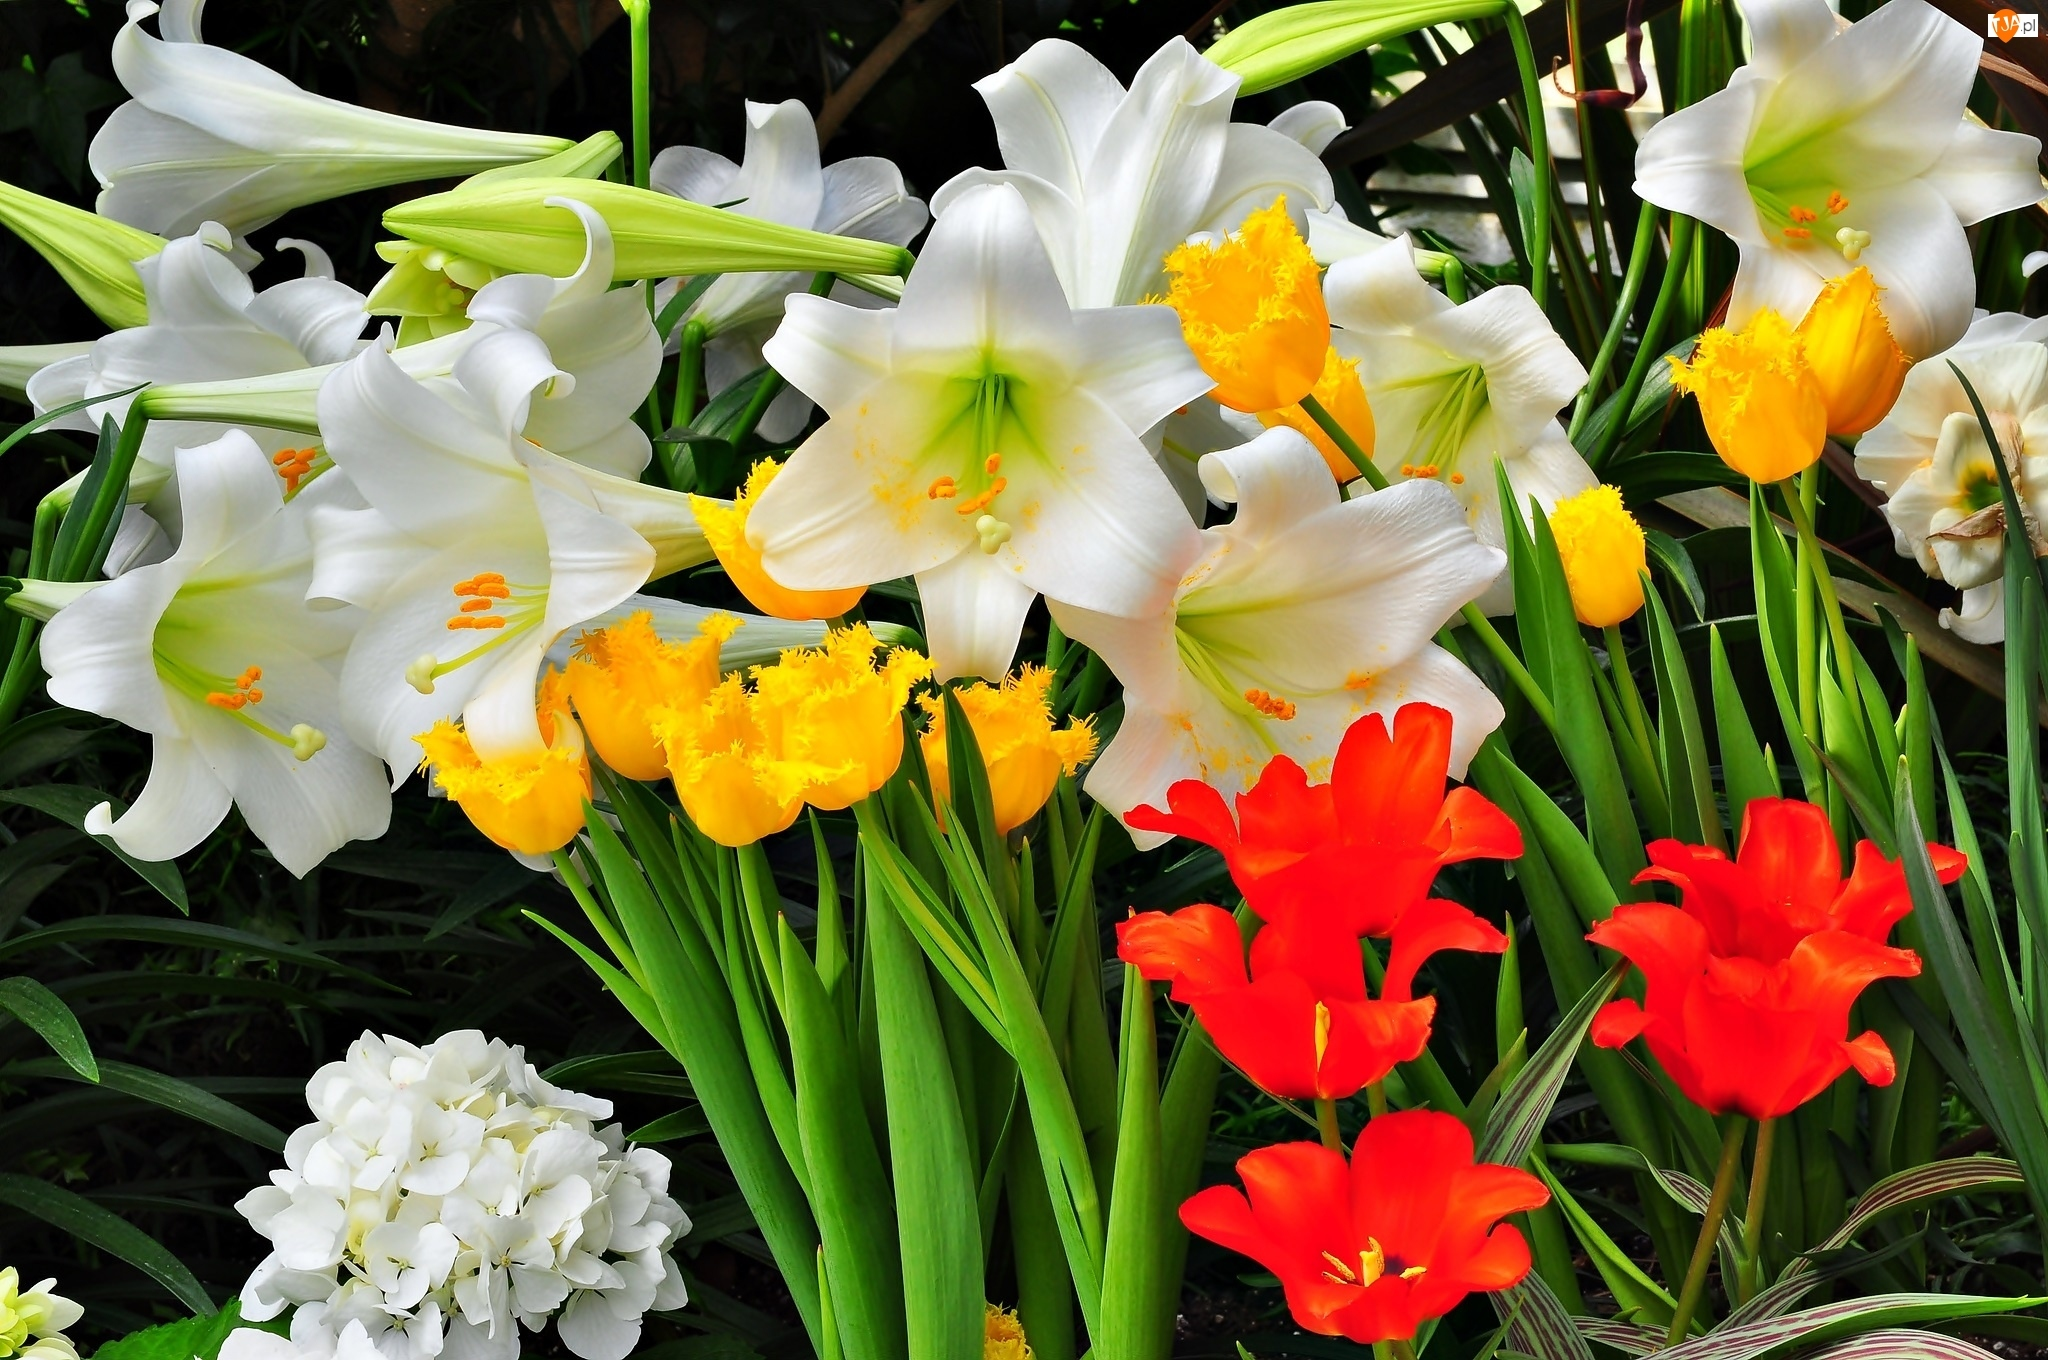 Ogród, Hortensja, Lilie, Tulipany